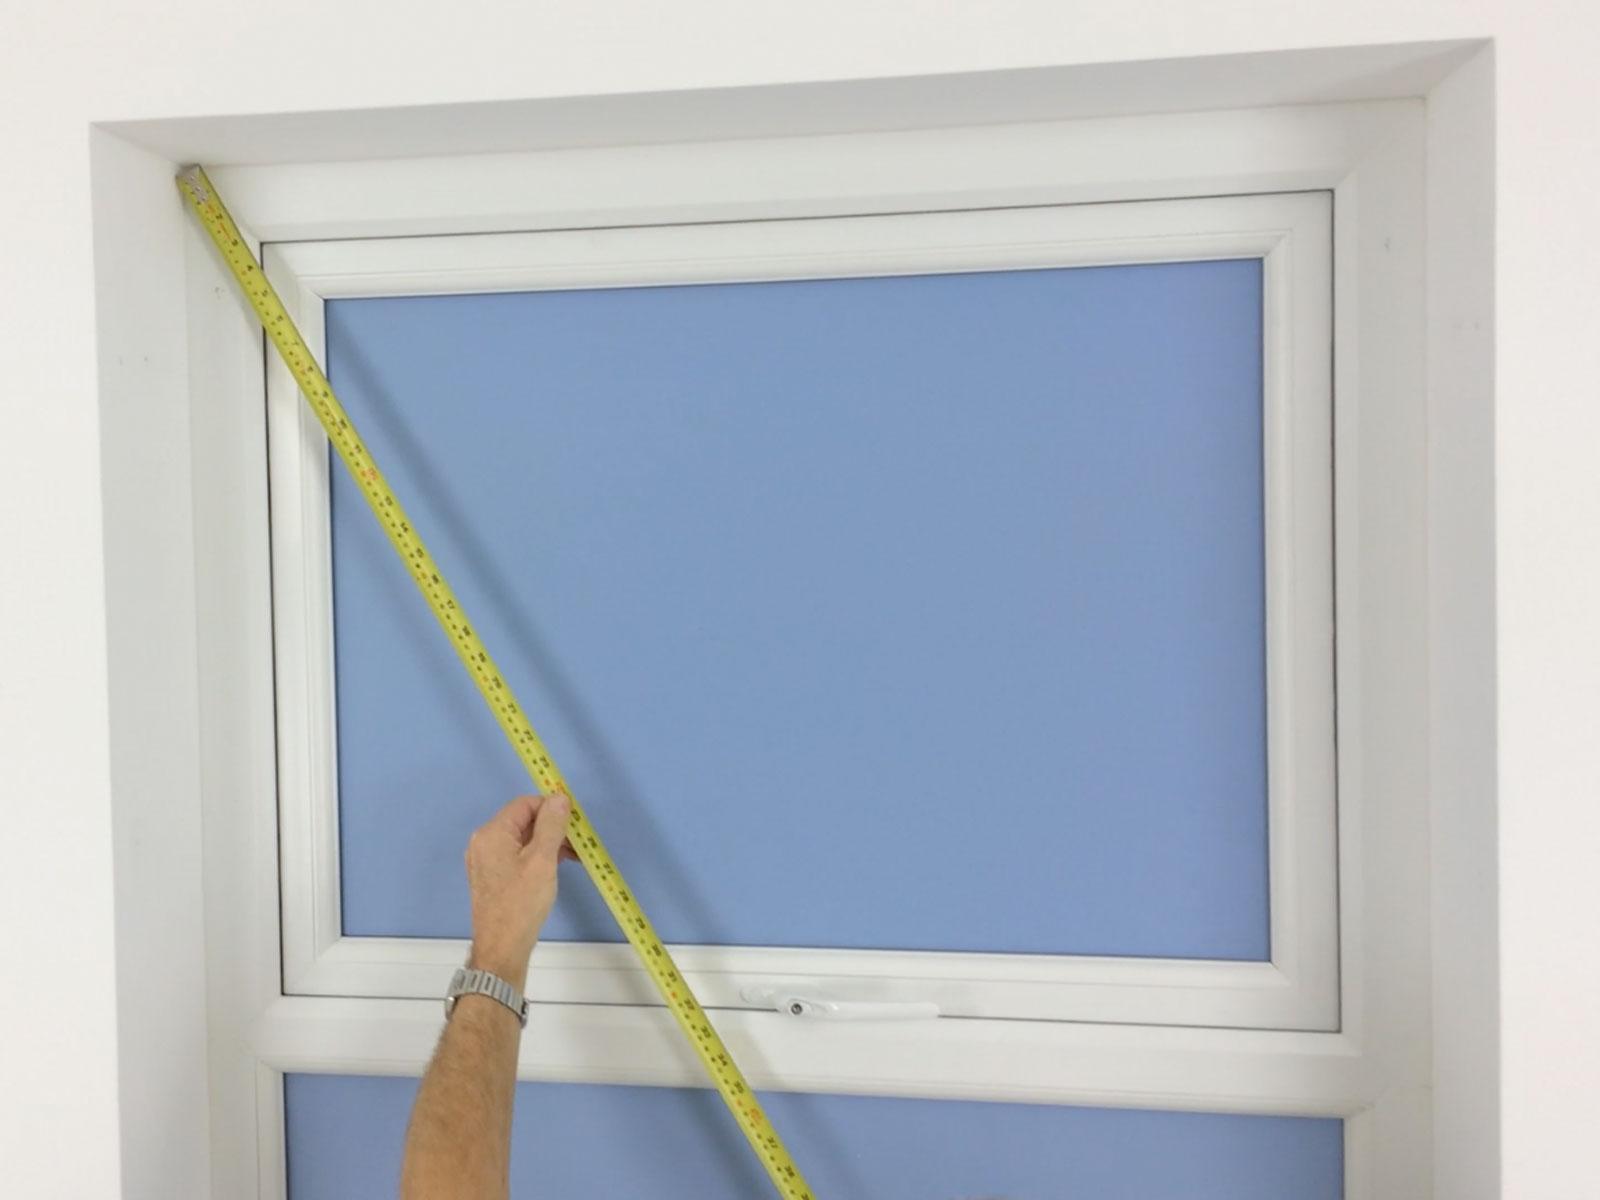 Measuring Window Shutters